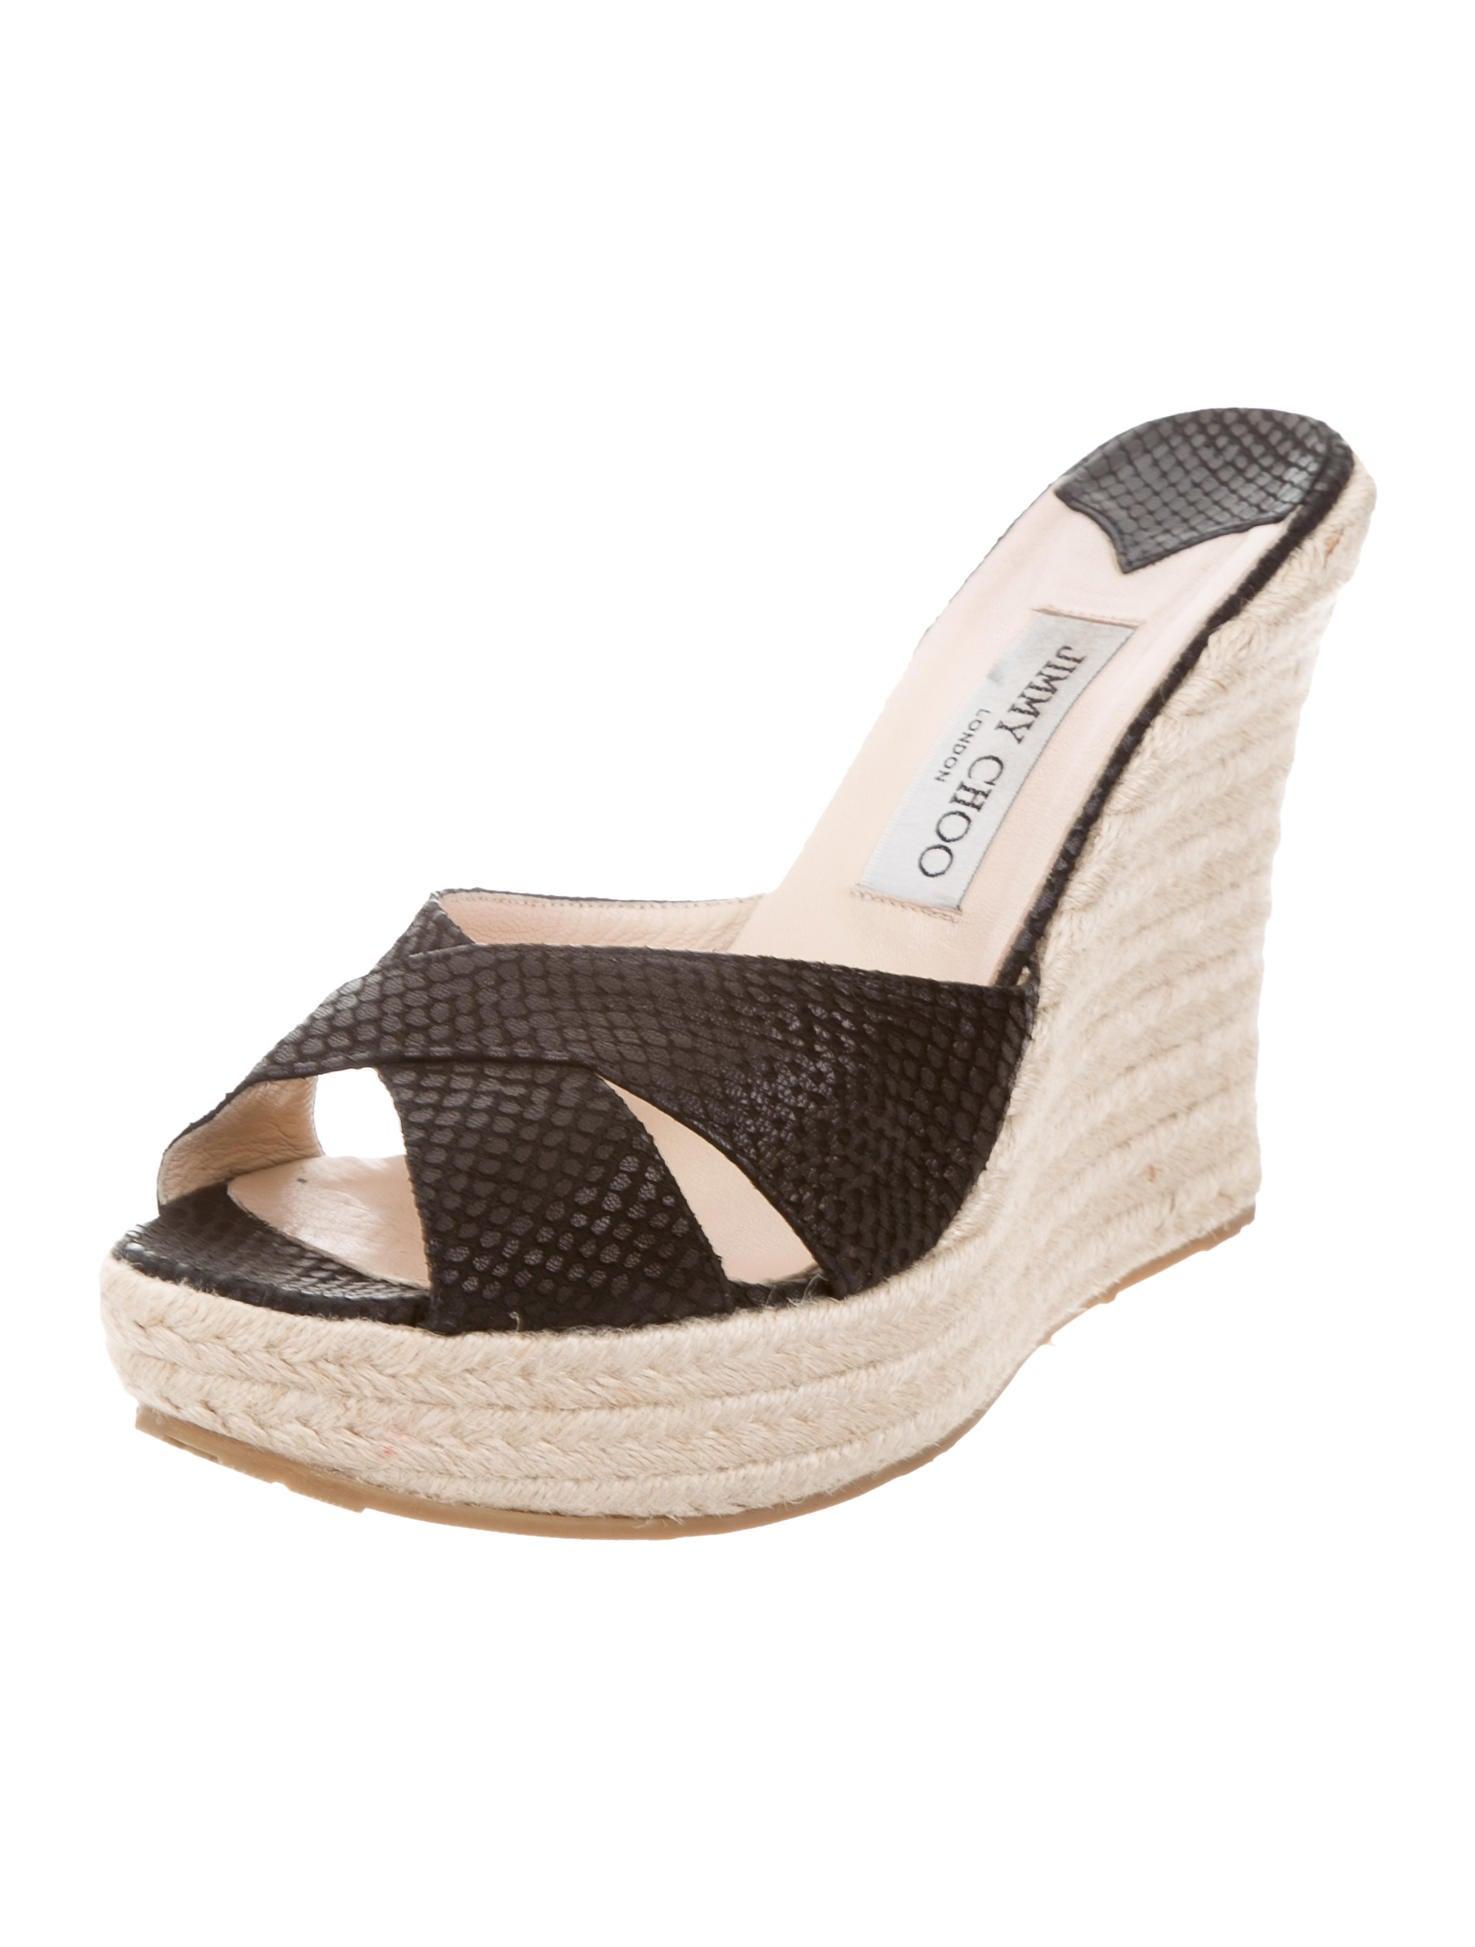 jimmy choo embossed platform wedges shoes jim69156